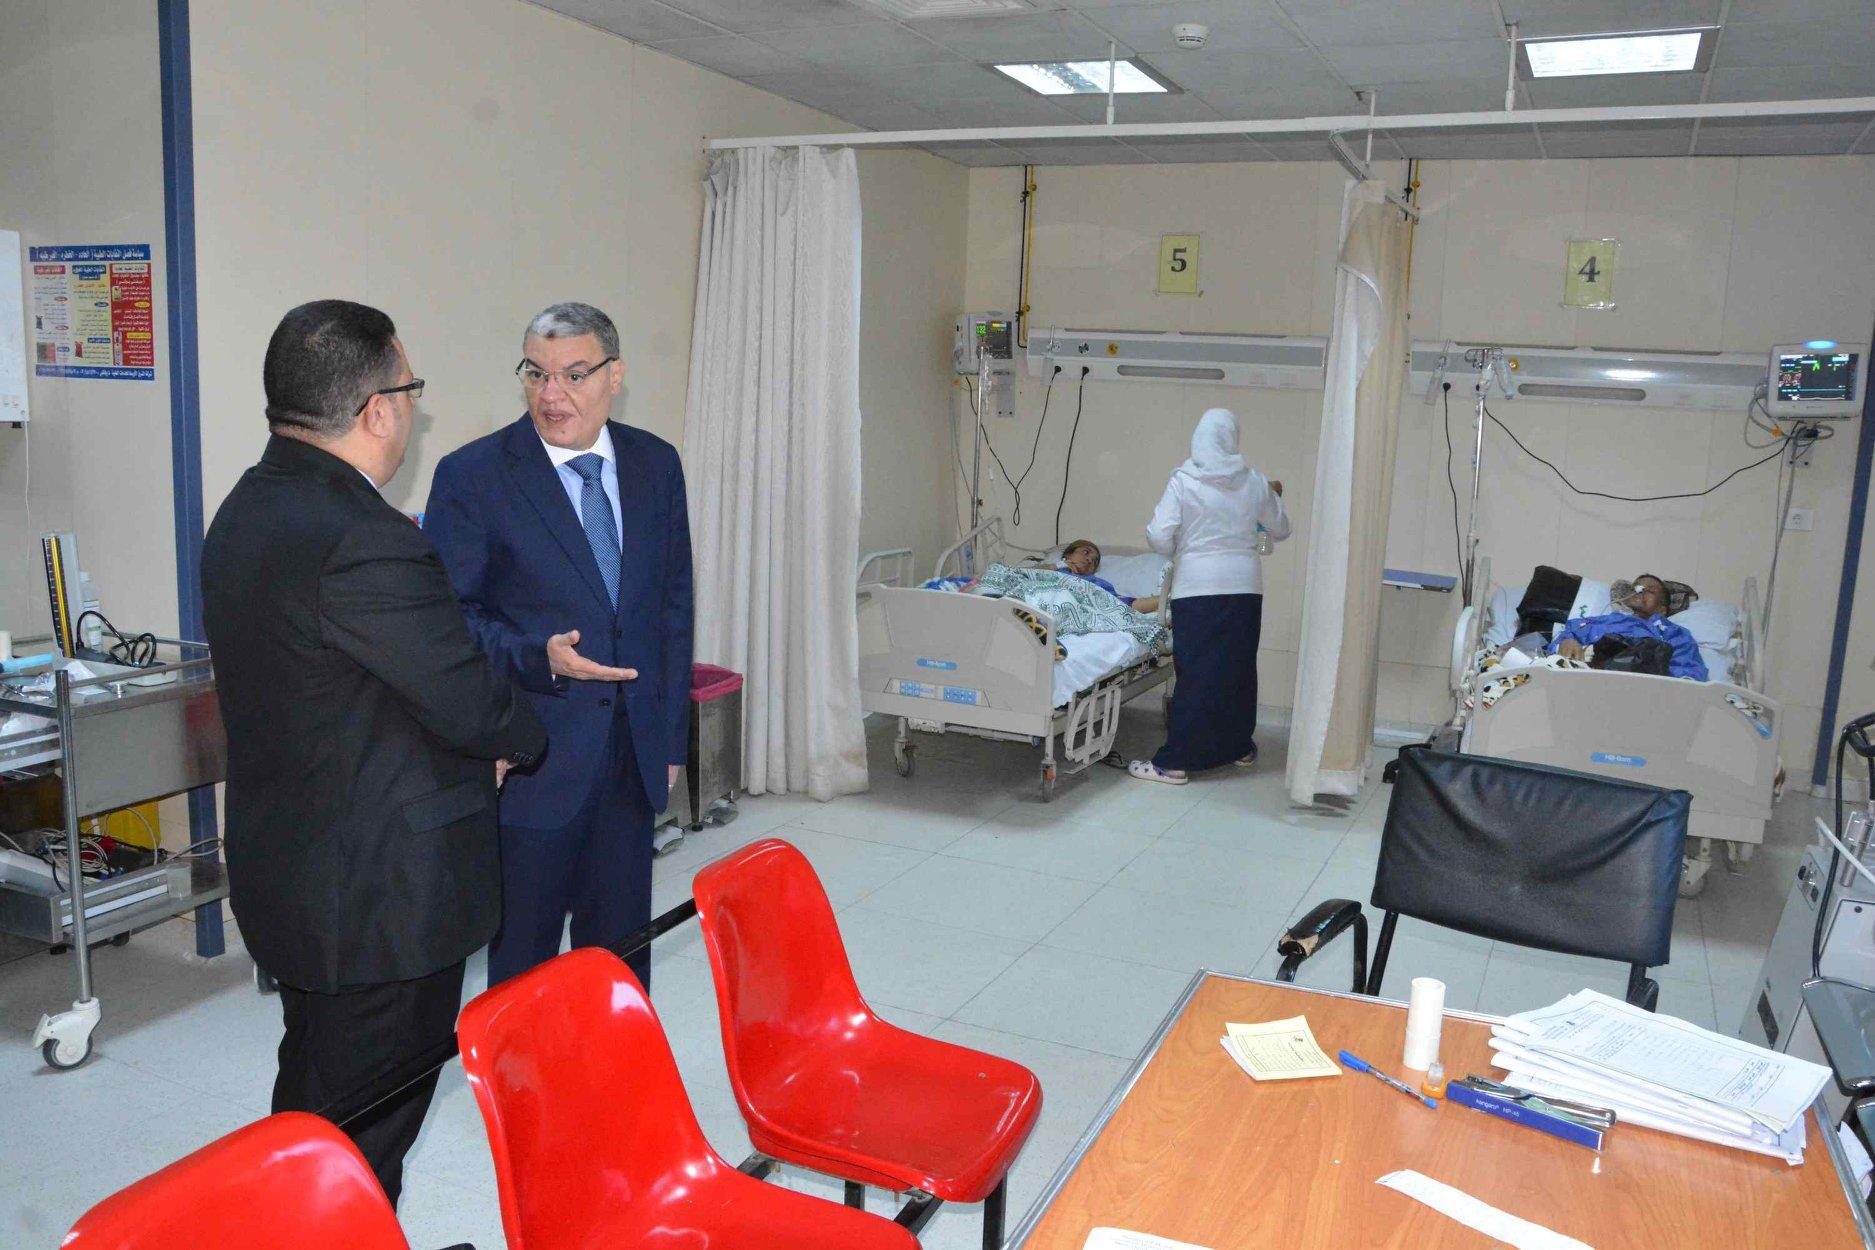 صور | محافظ المنيا يتابع مستوى الخدمة الطبية بمركز الأورام والمستشفى العام